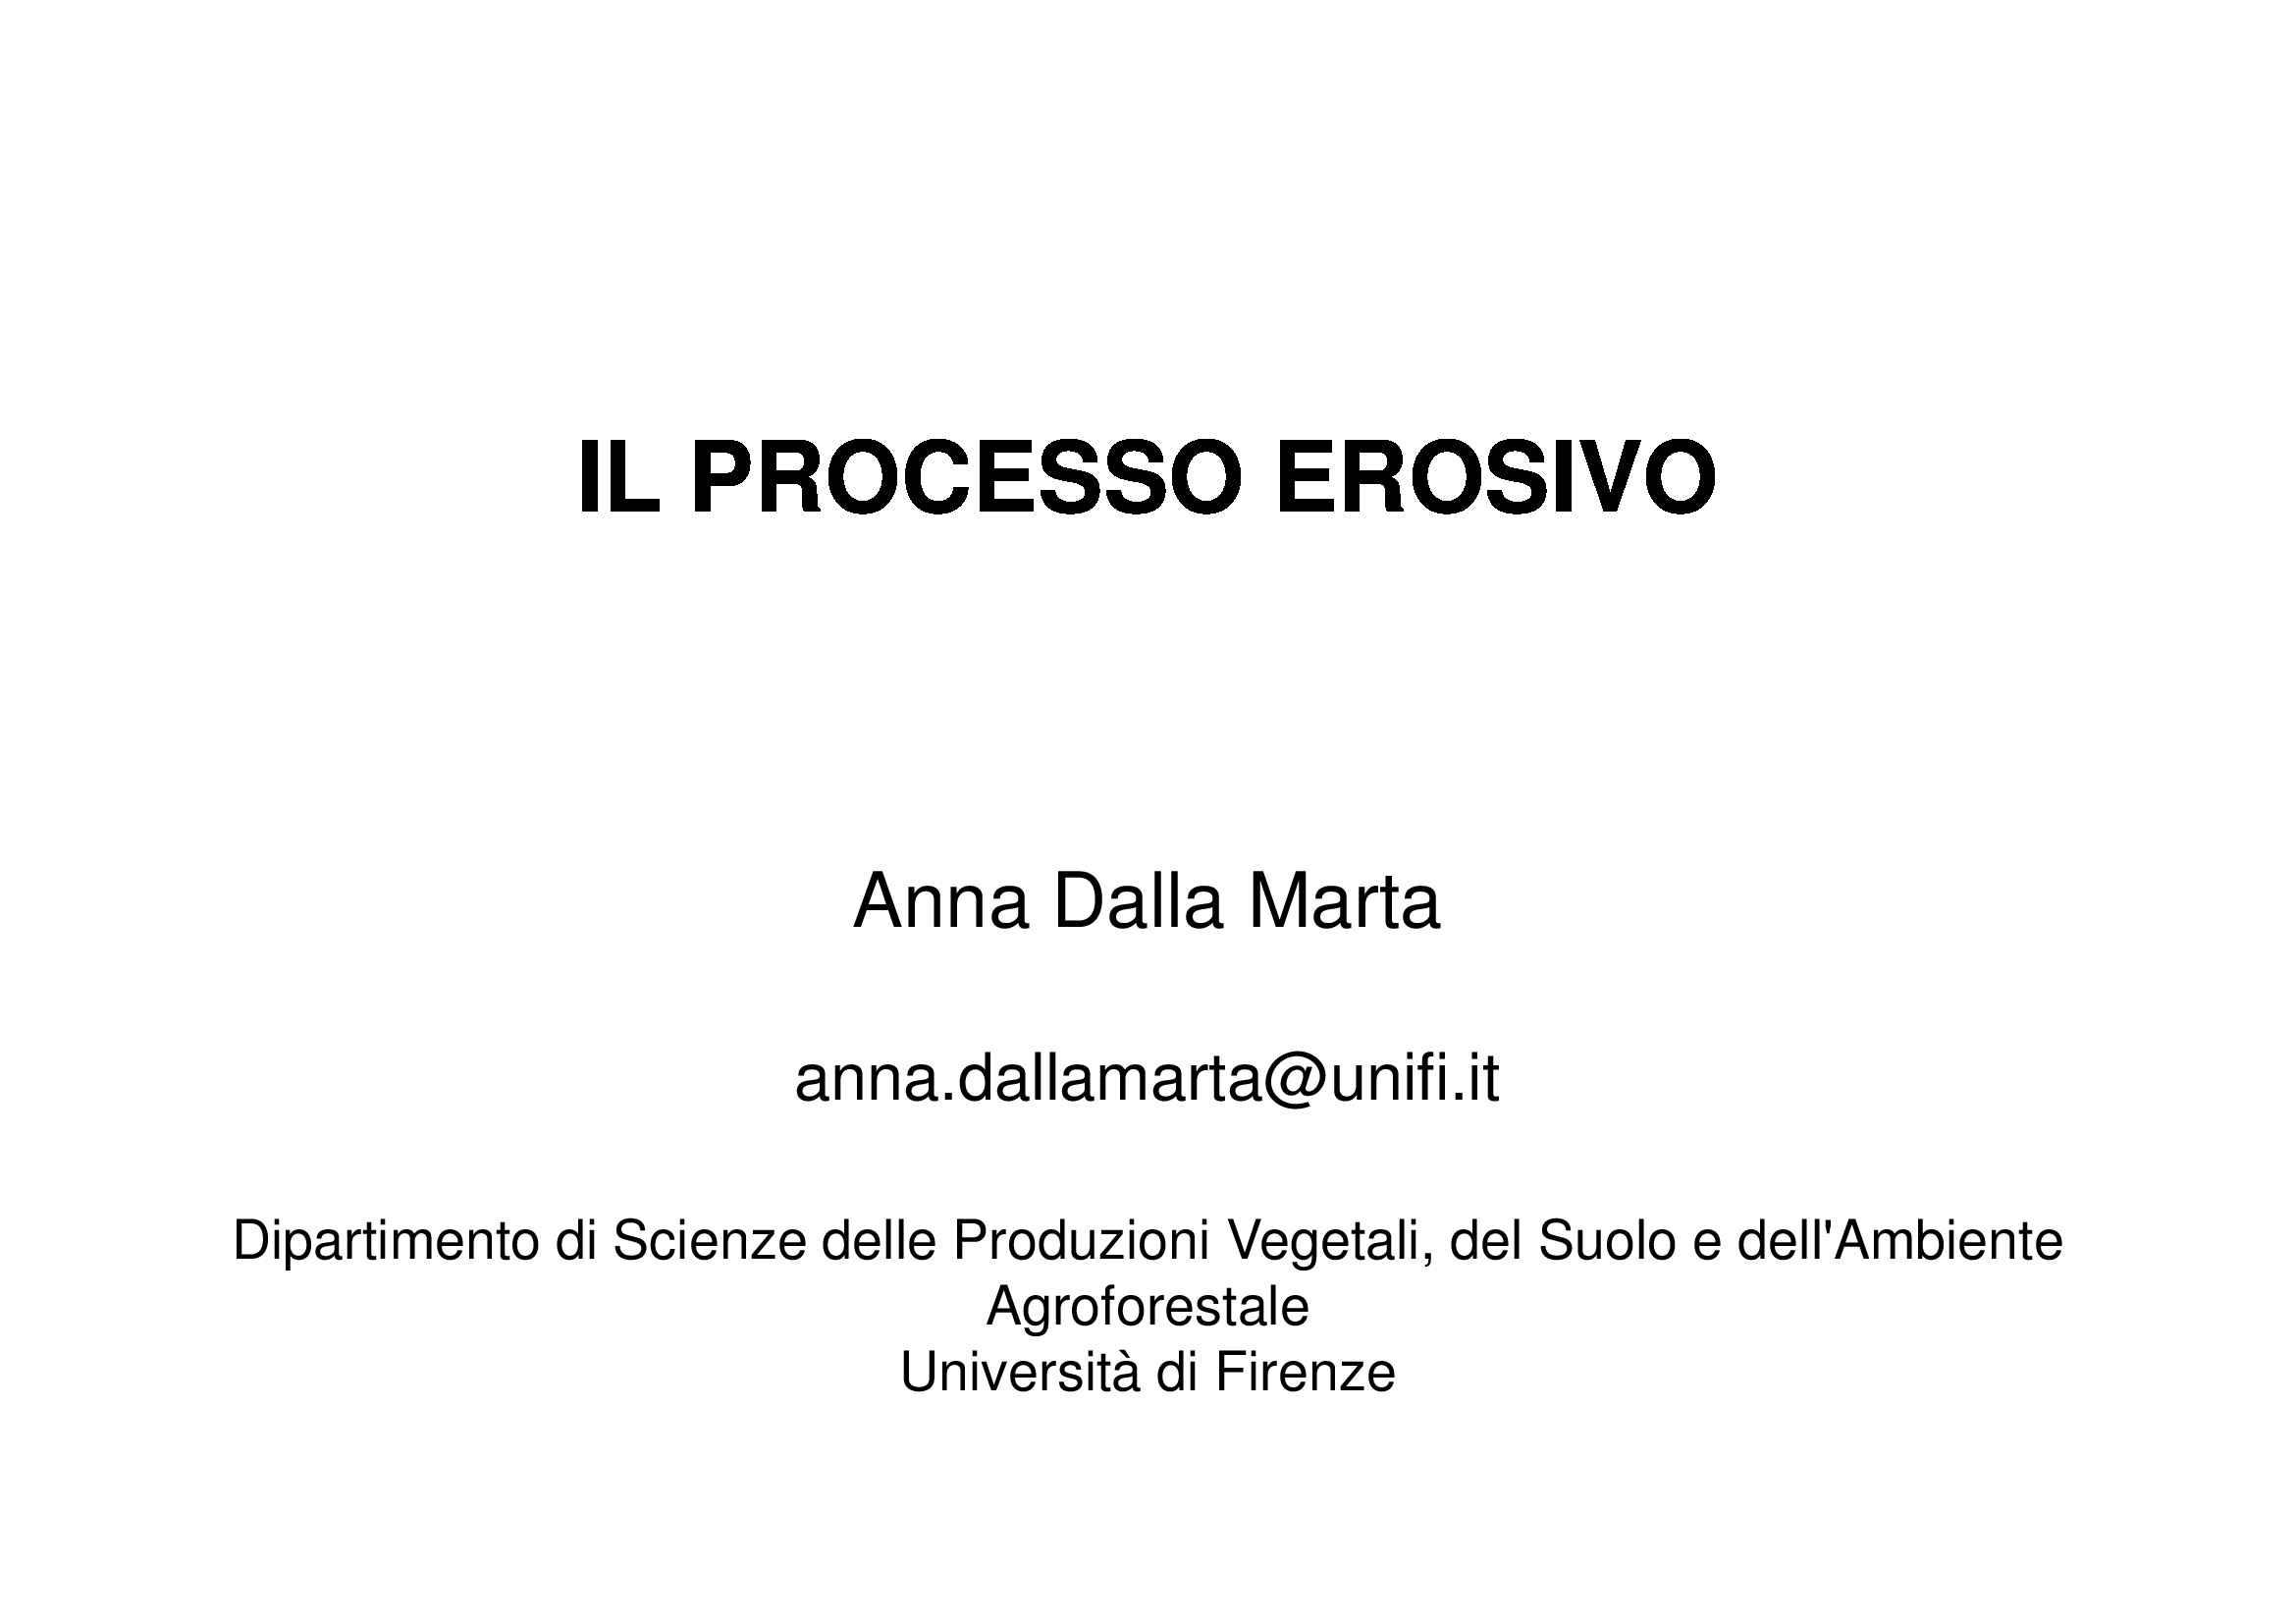 Processo erosivo